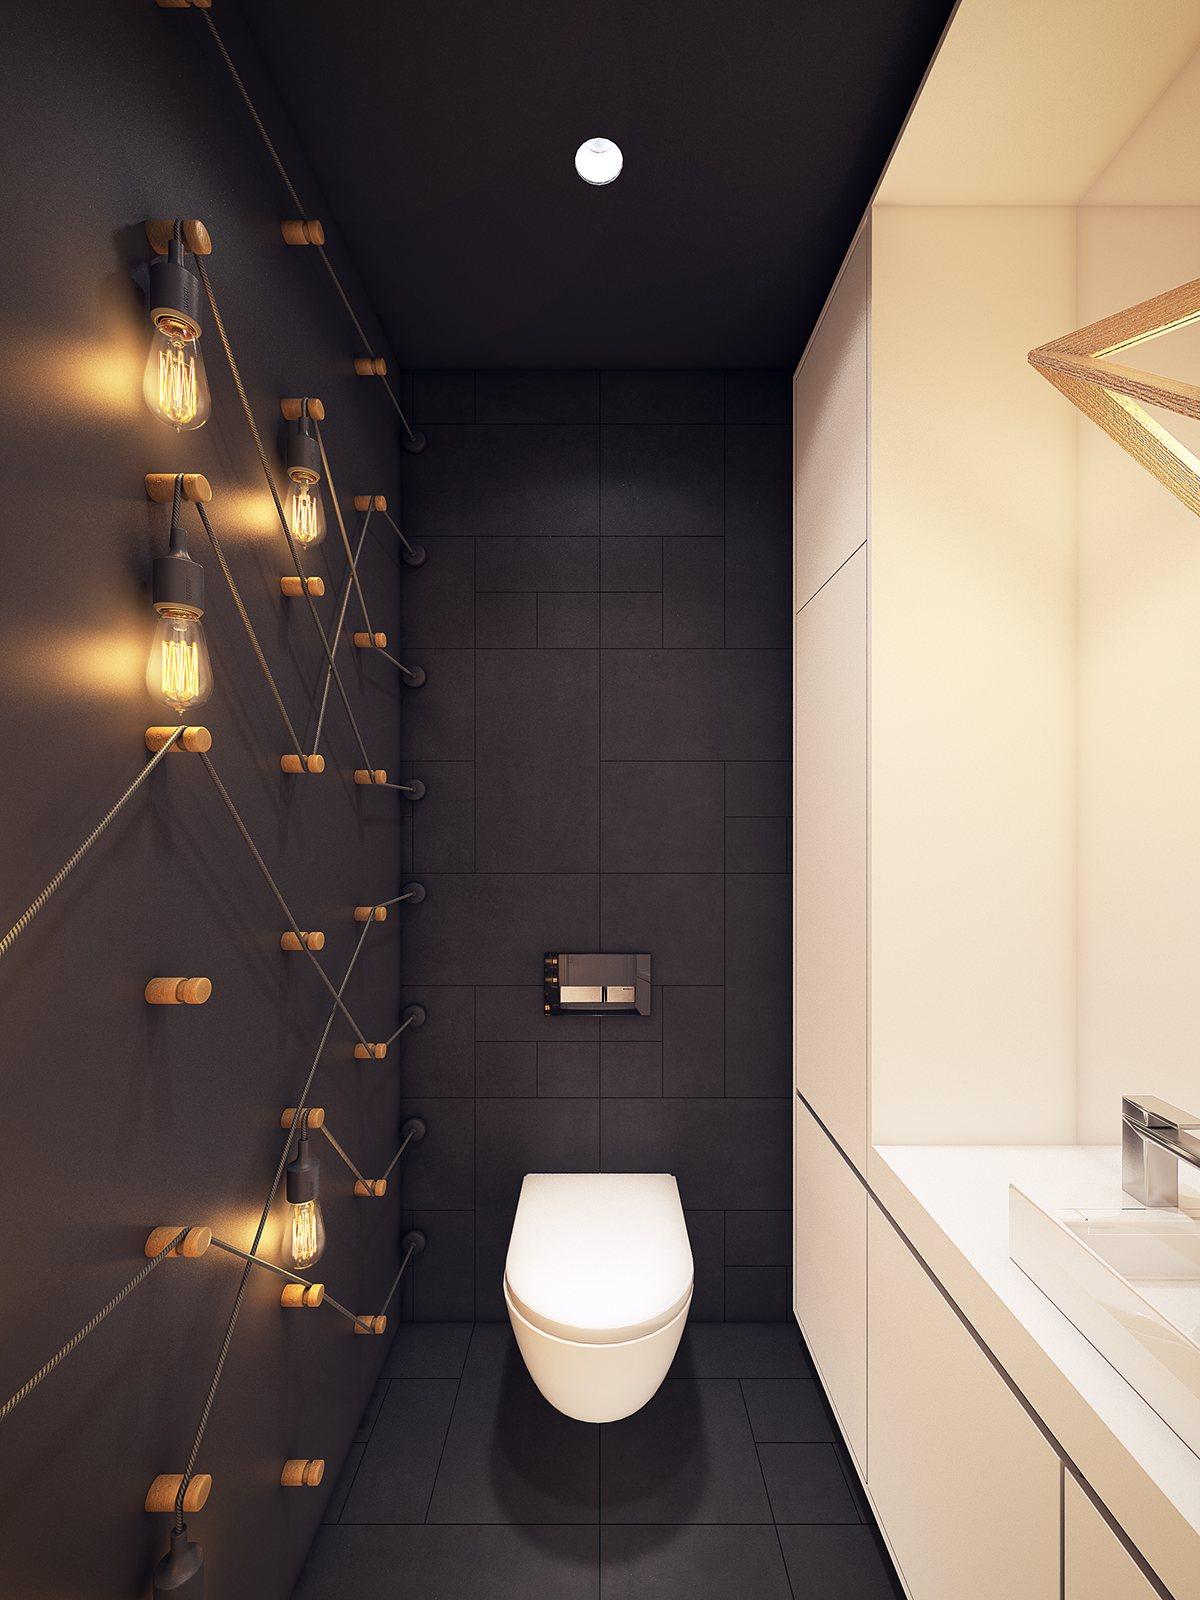 厕所黑色墙面挂满了别致的小吊灯,显得整个空间温馨